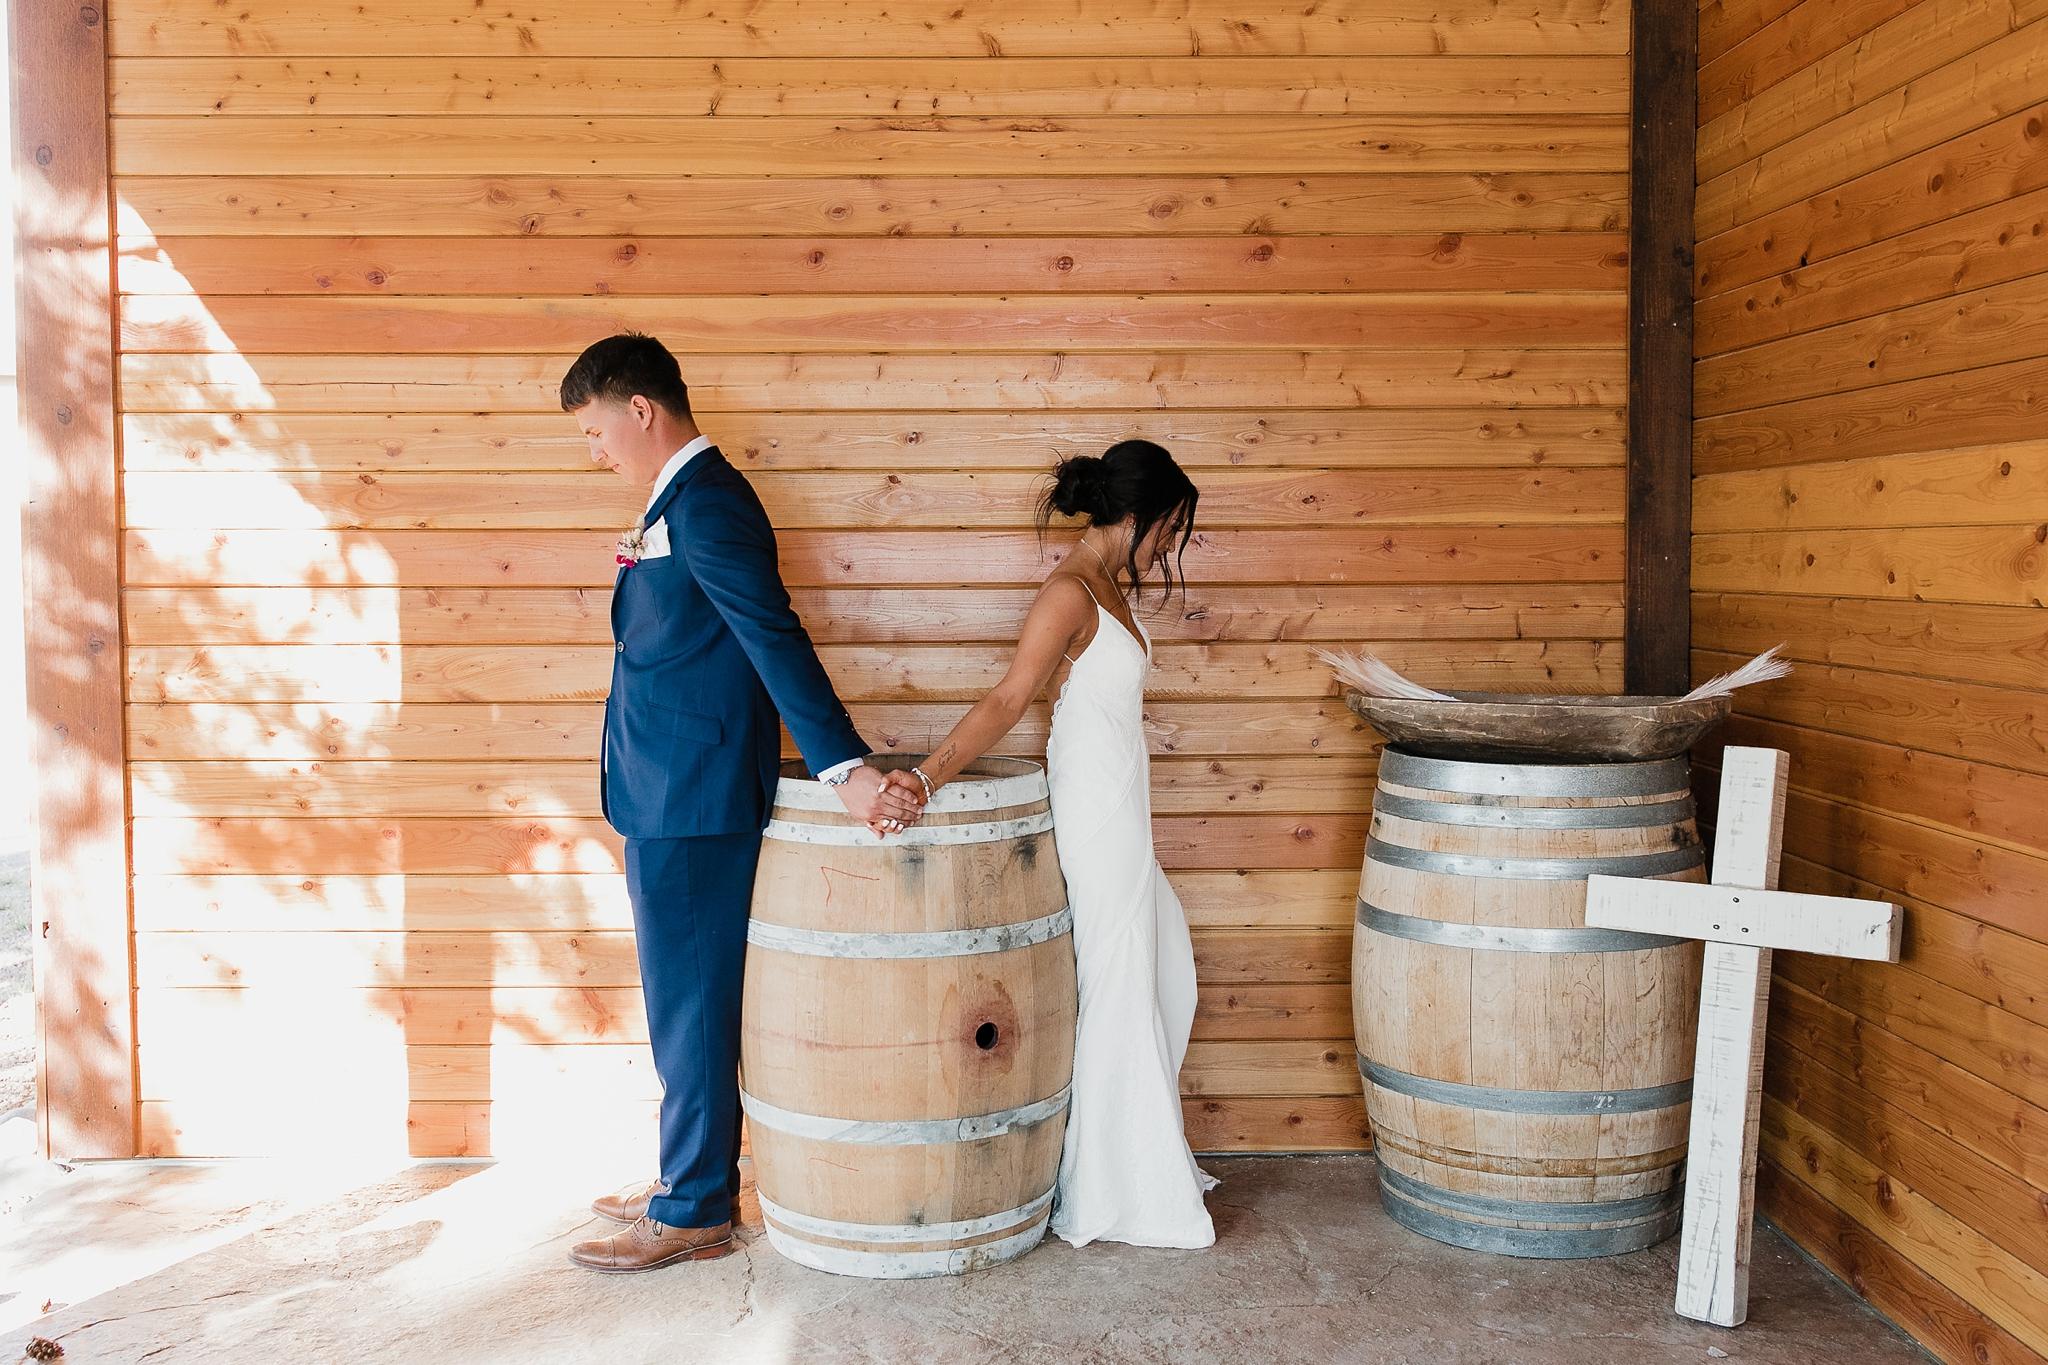 Alicia+lucia+photography+-+albuquerque+wedding+photographer+-+santa+fe+wedding+photography+-+new+mexico+wedding+photographer+-+new+mexico+wedding+-+new+mexico+wedding+-+barn+wedding+-+enchanted+vine+barn+wedding+-+ruidoso+wedding_0070.jpg